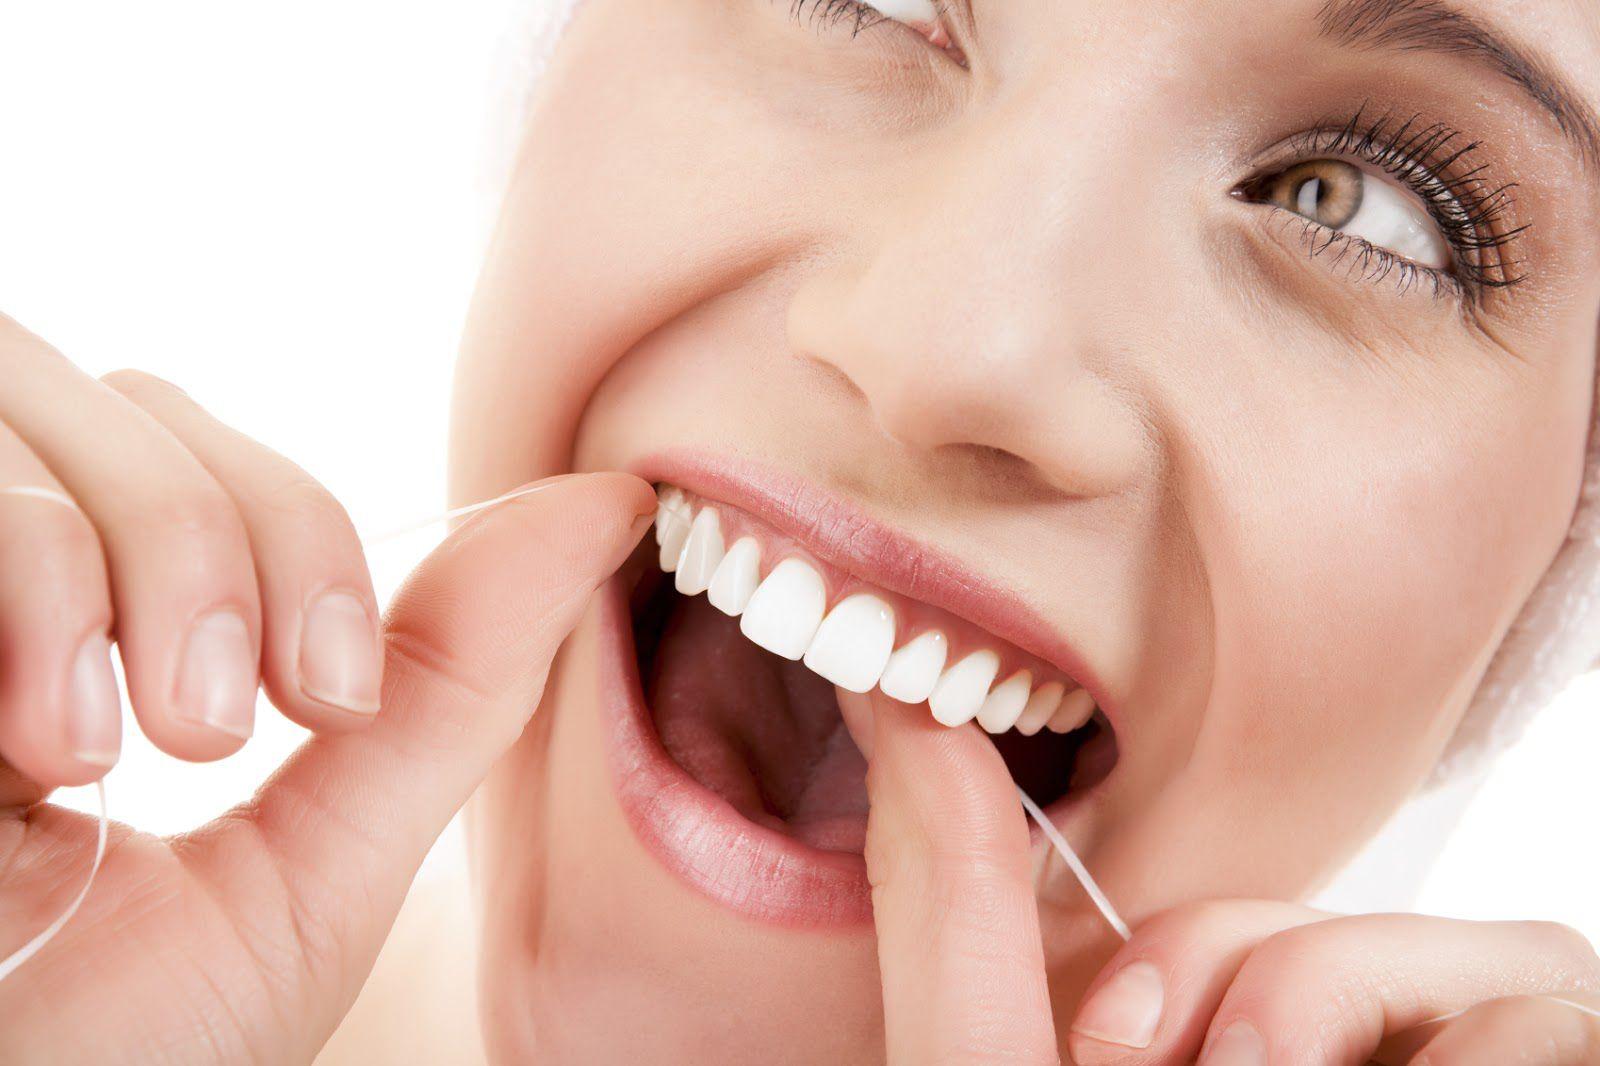 Một số lưu ý sau khi bọc răng sứ bạn nên biết